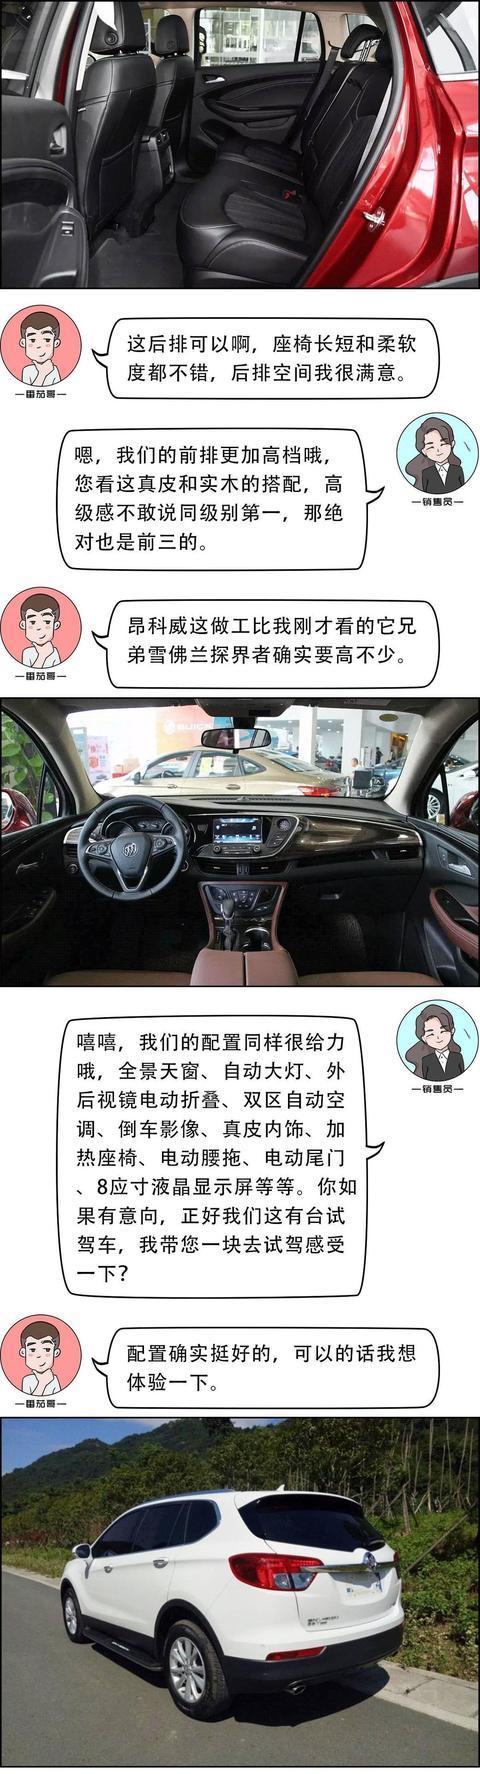 全系降3万!难怪这台合资SUV在中国随处可见